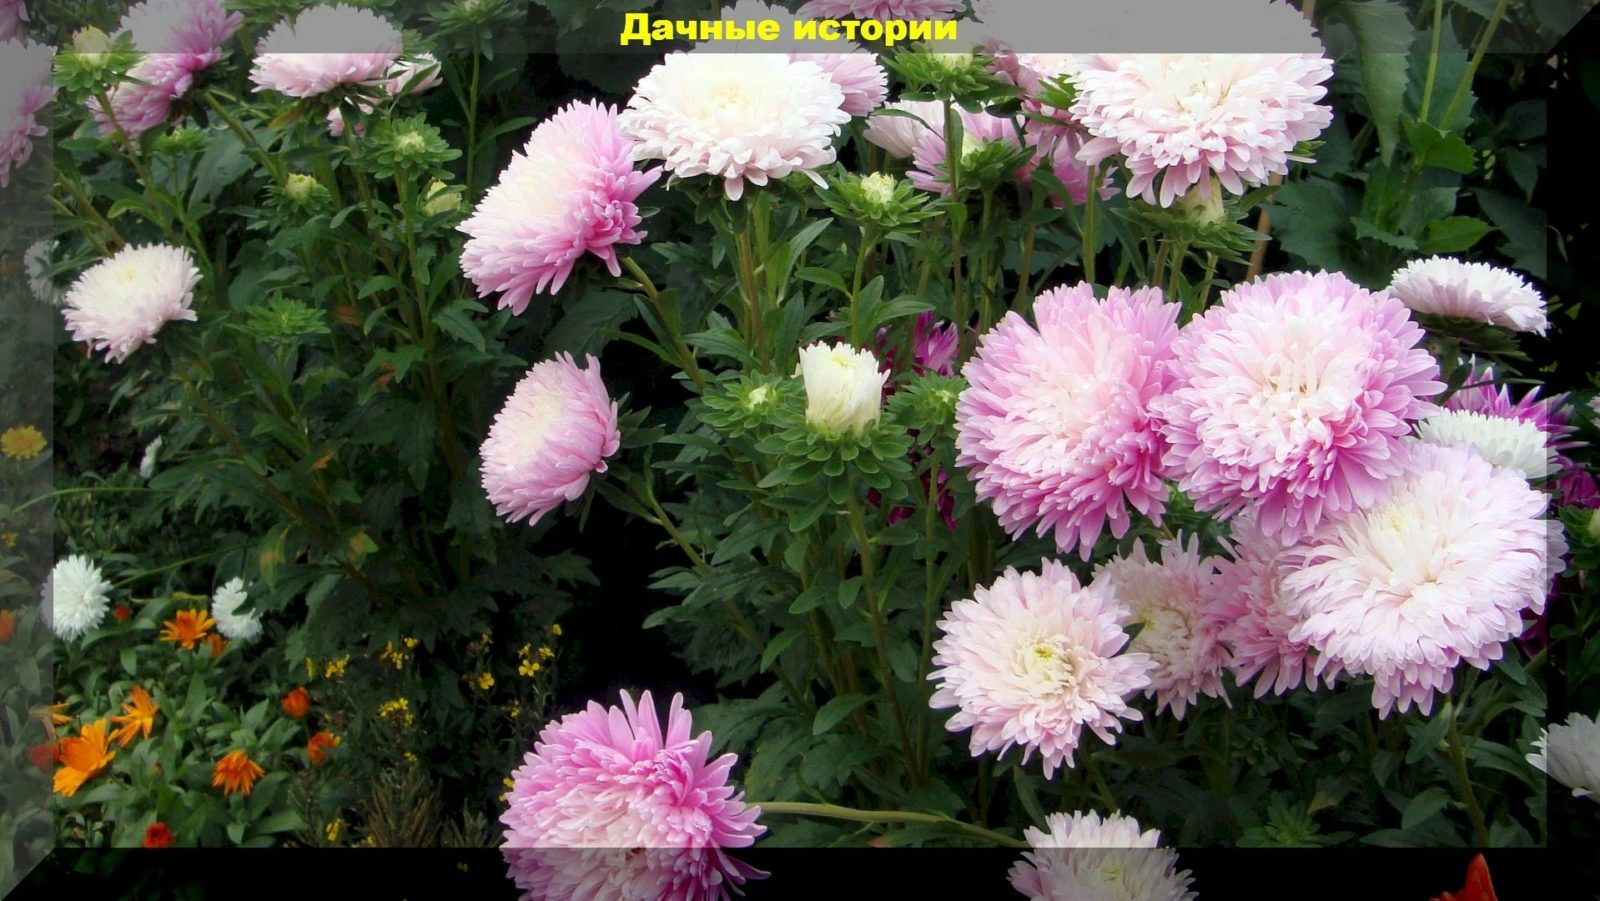 Нюансы выращивания астр через рассаду. Все просто, но вы удивитесь ее пышному цветению